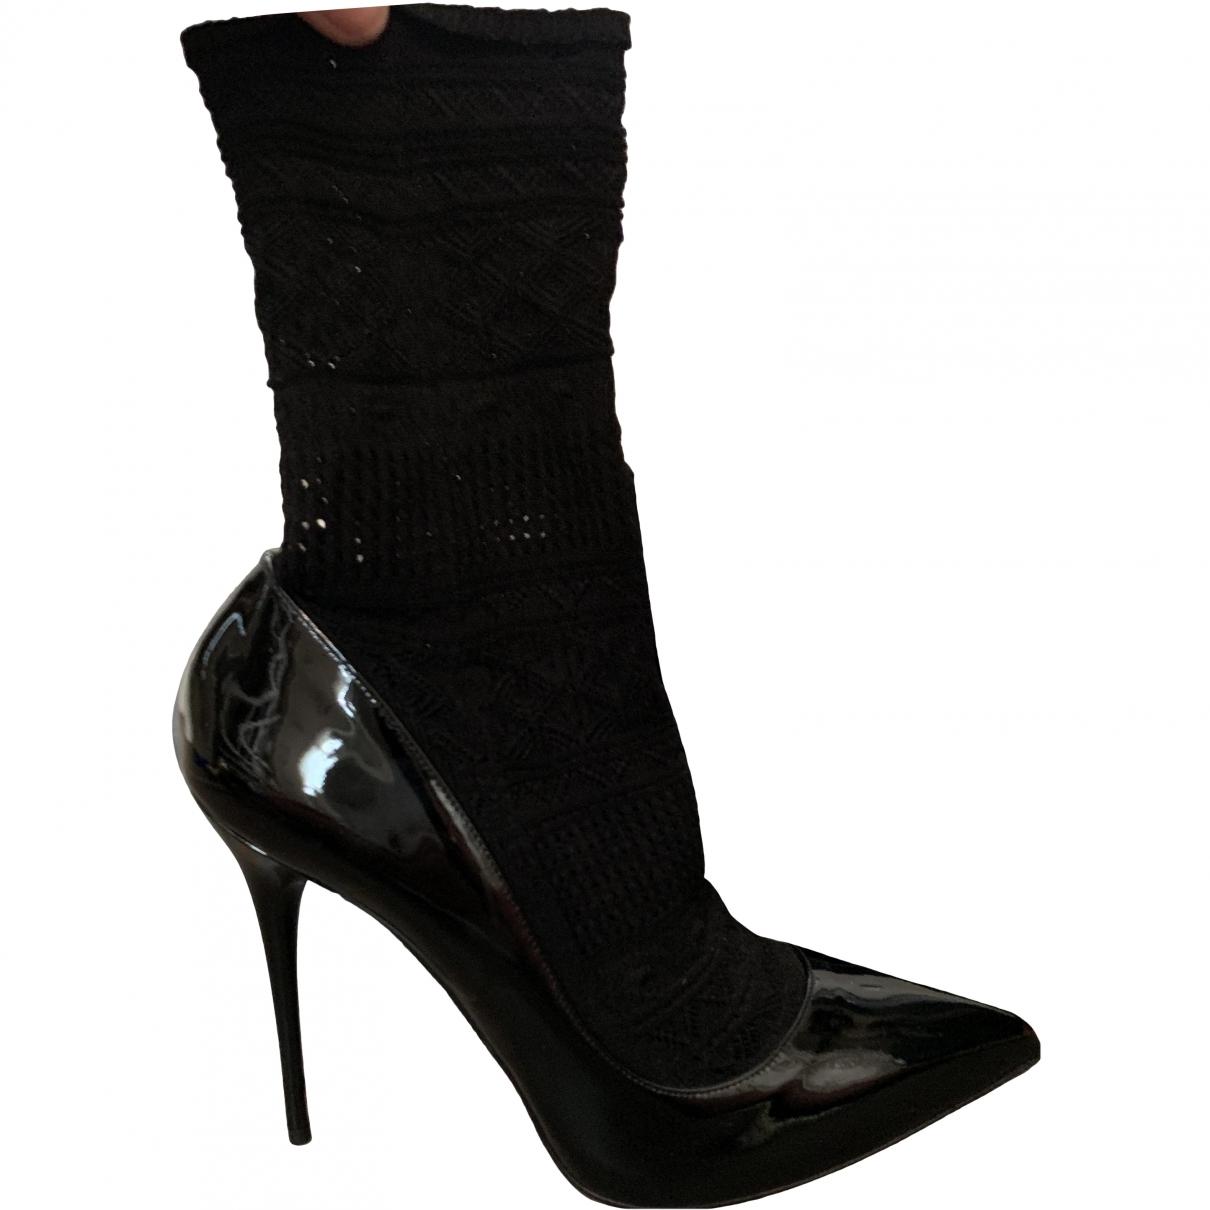 Alexander Mcqueen \N Black Patent leather Heels for Women 40 EU